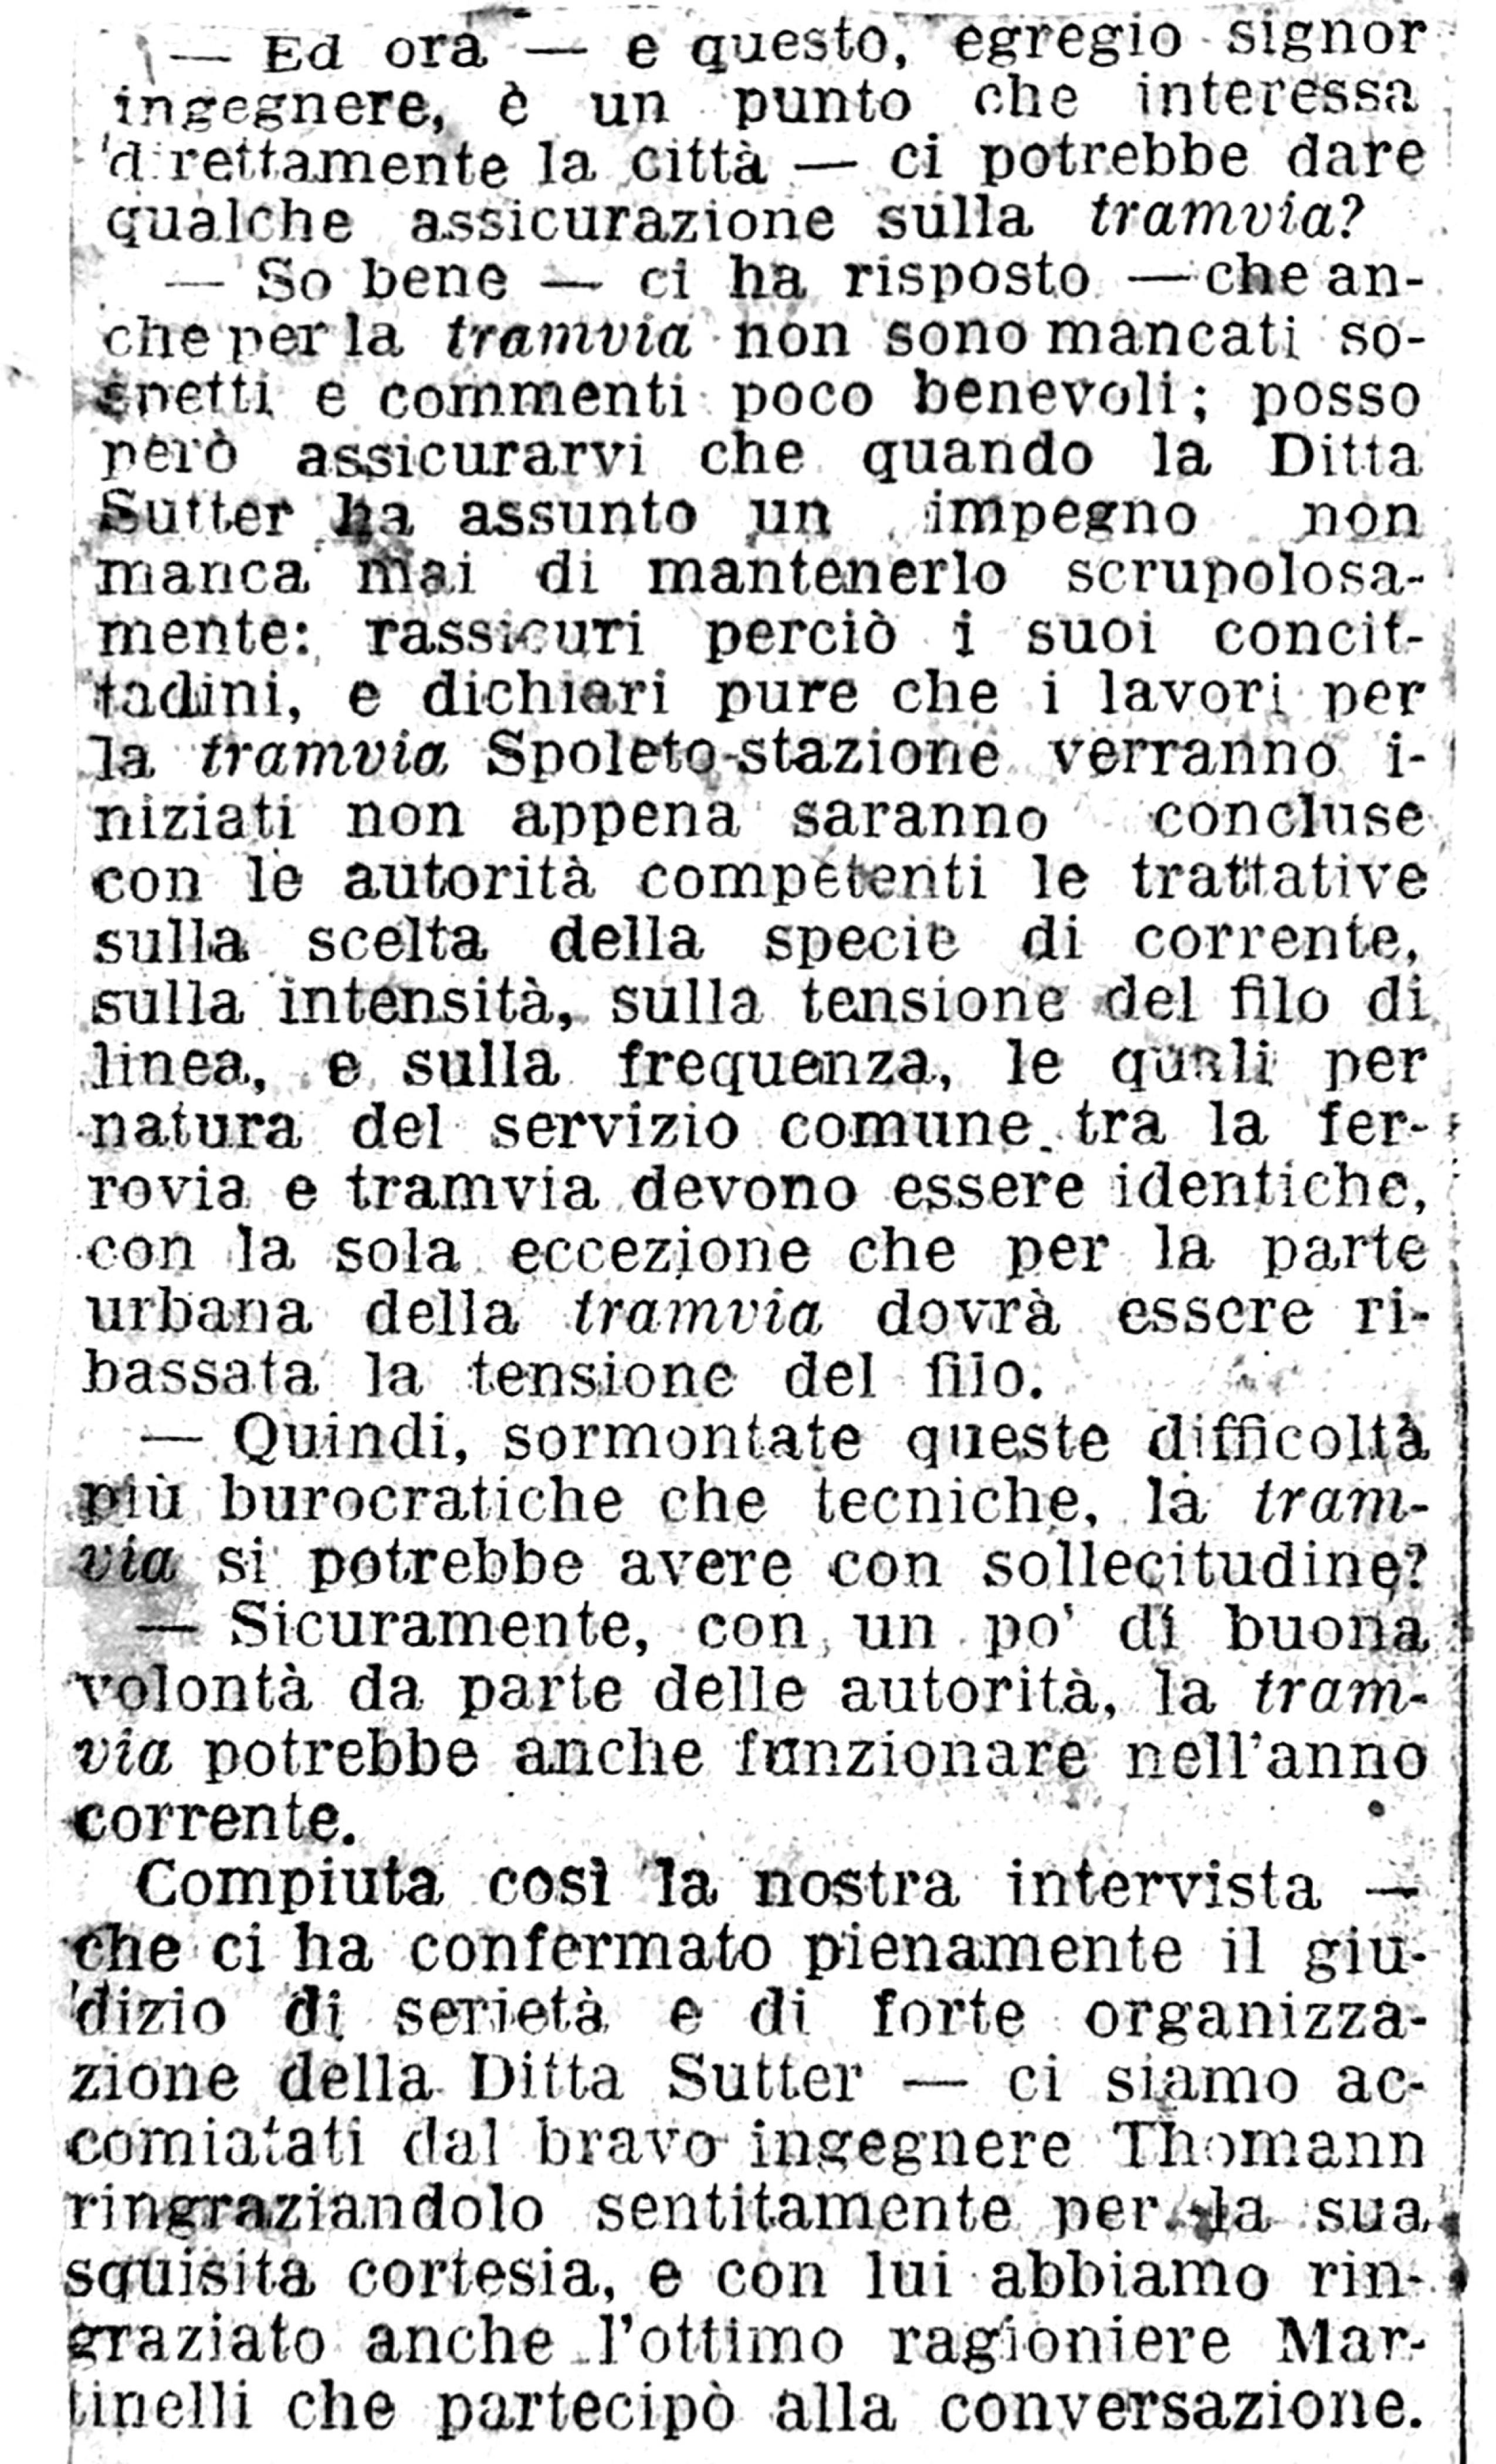 Il Messaggero   9 aprile 1914 (3)